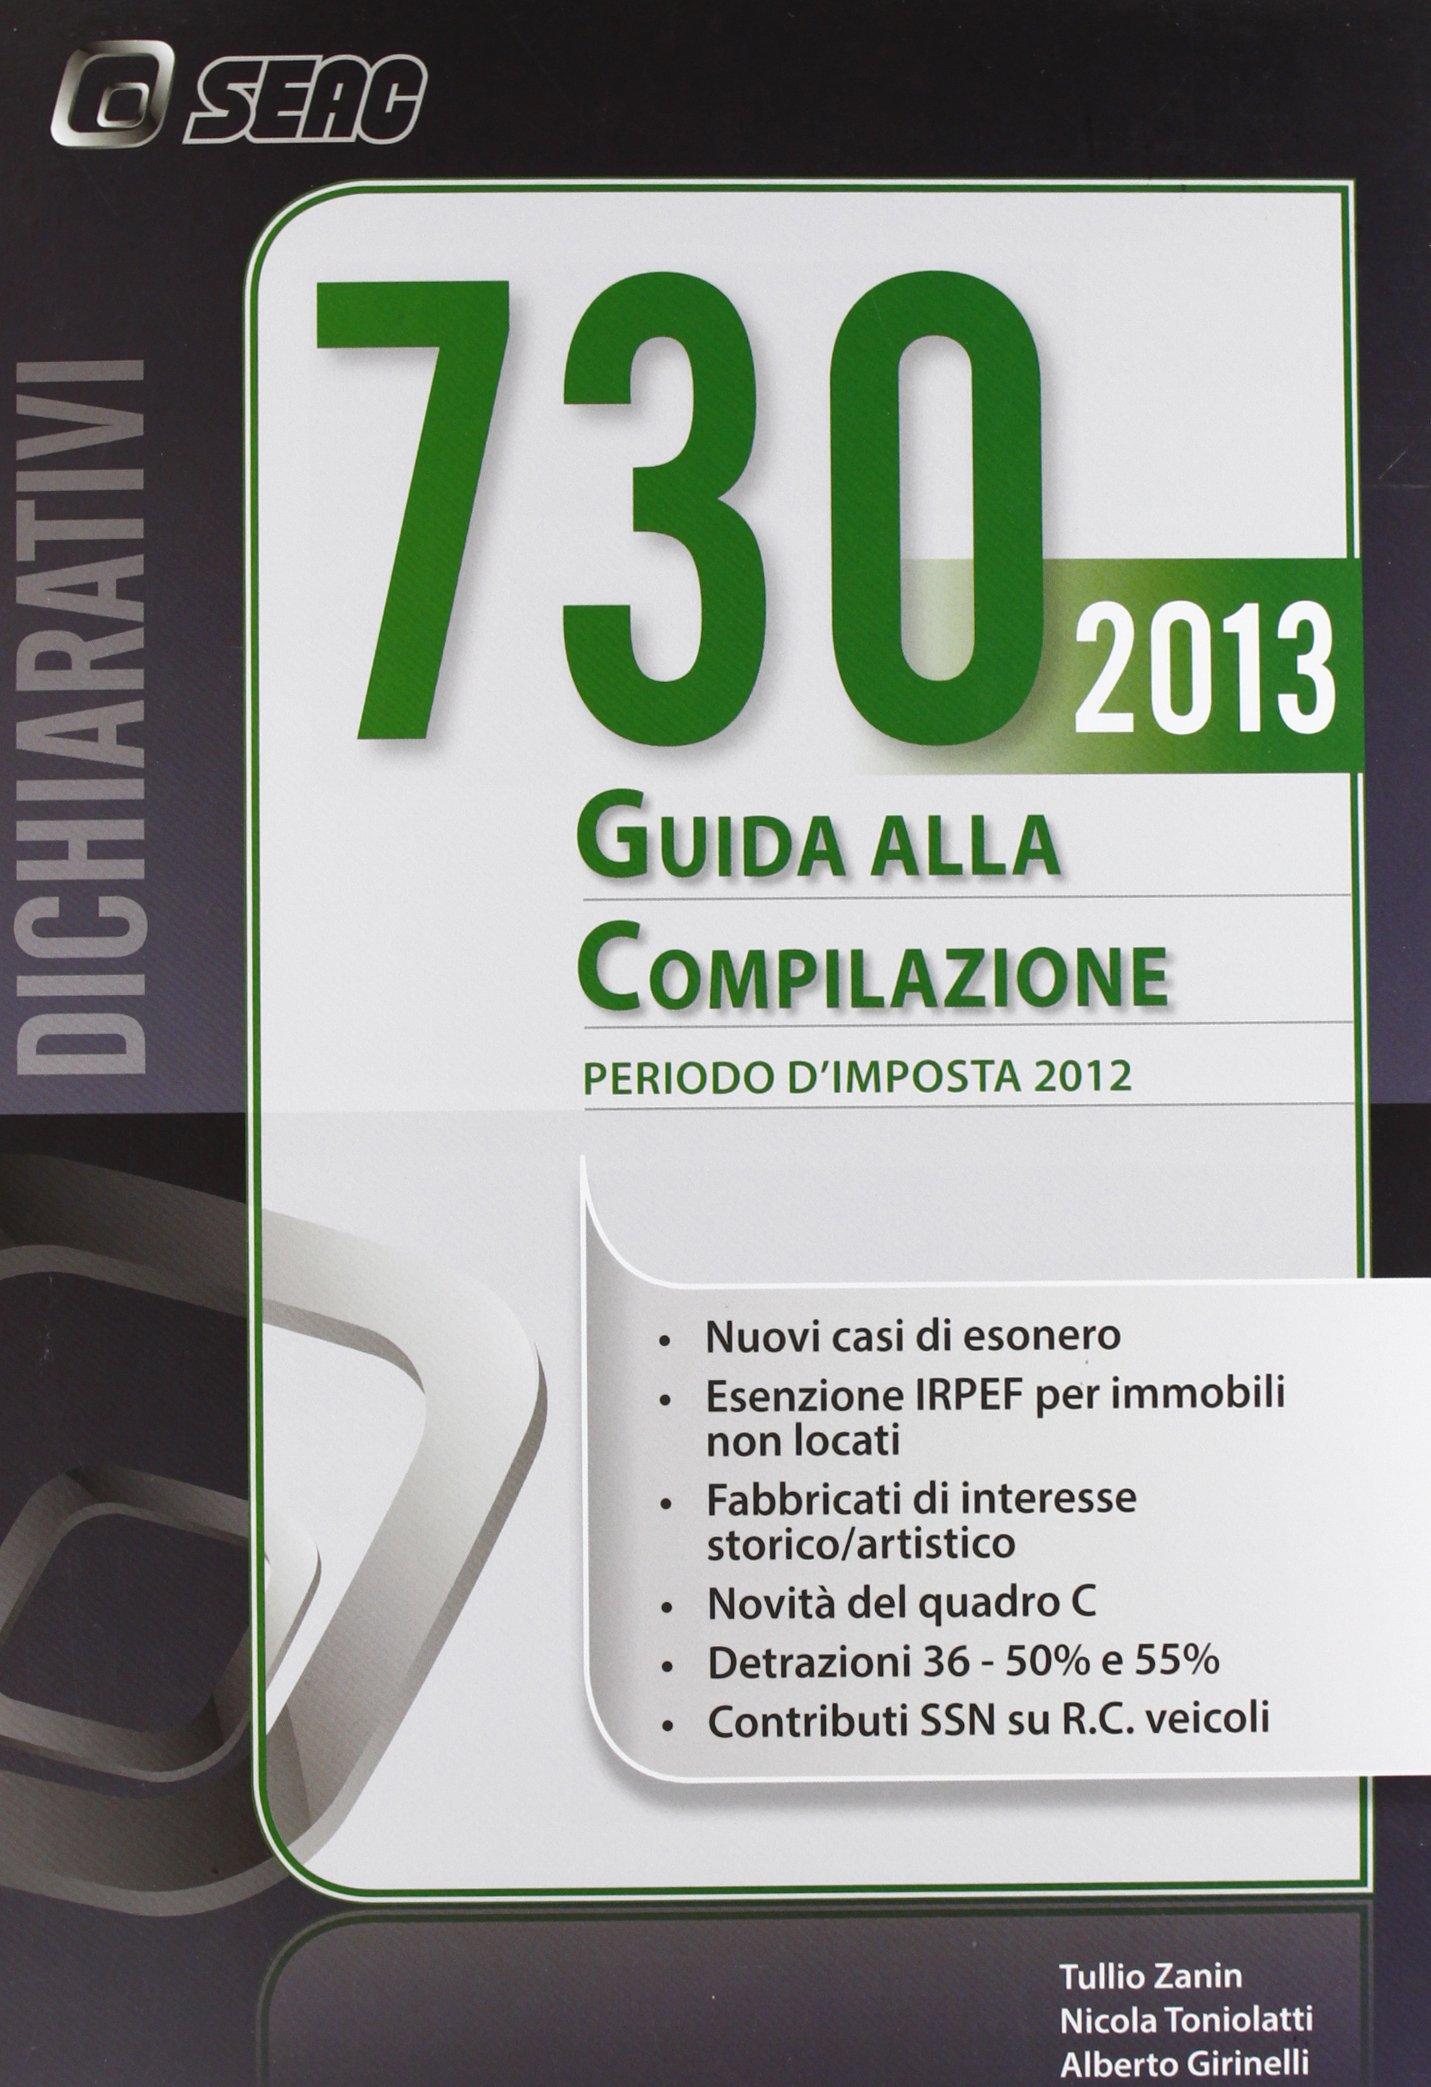 Mod. 730/2013. Guida alla compilazione. Periodo d'imposta 2012